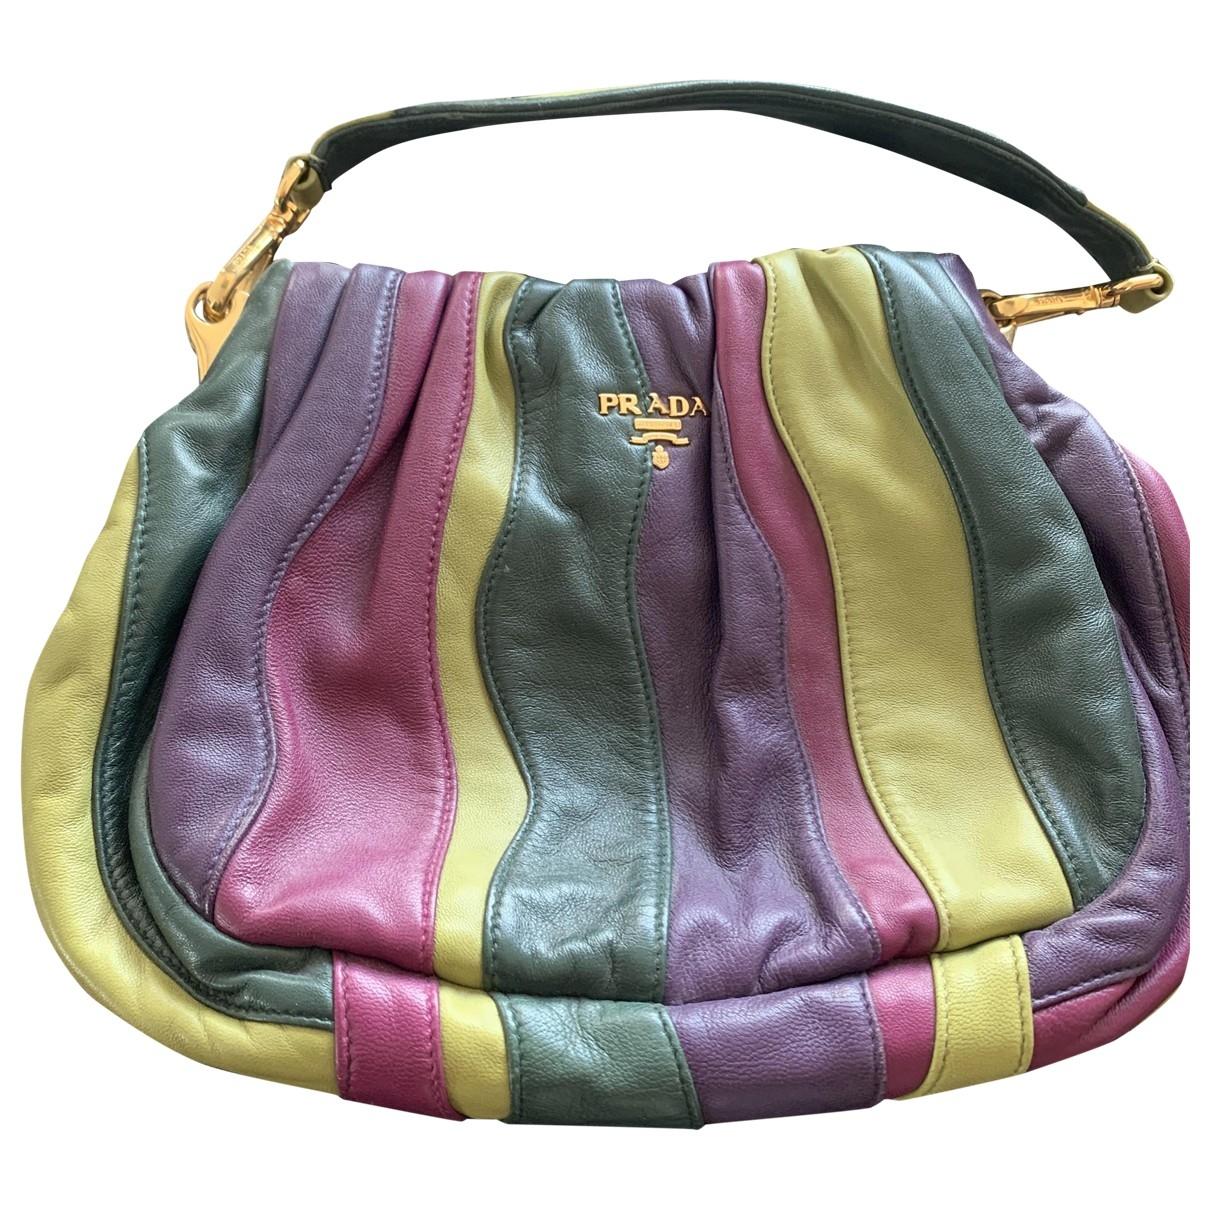 Prada - Sac a main   pour femme en cuir - multicolore